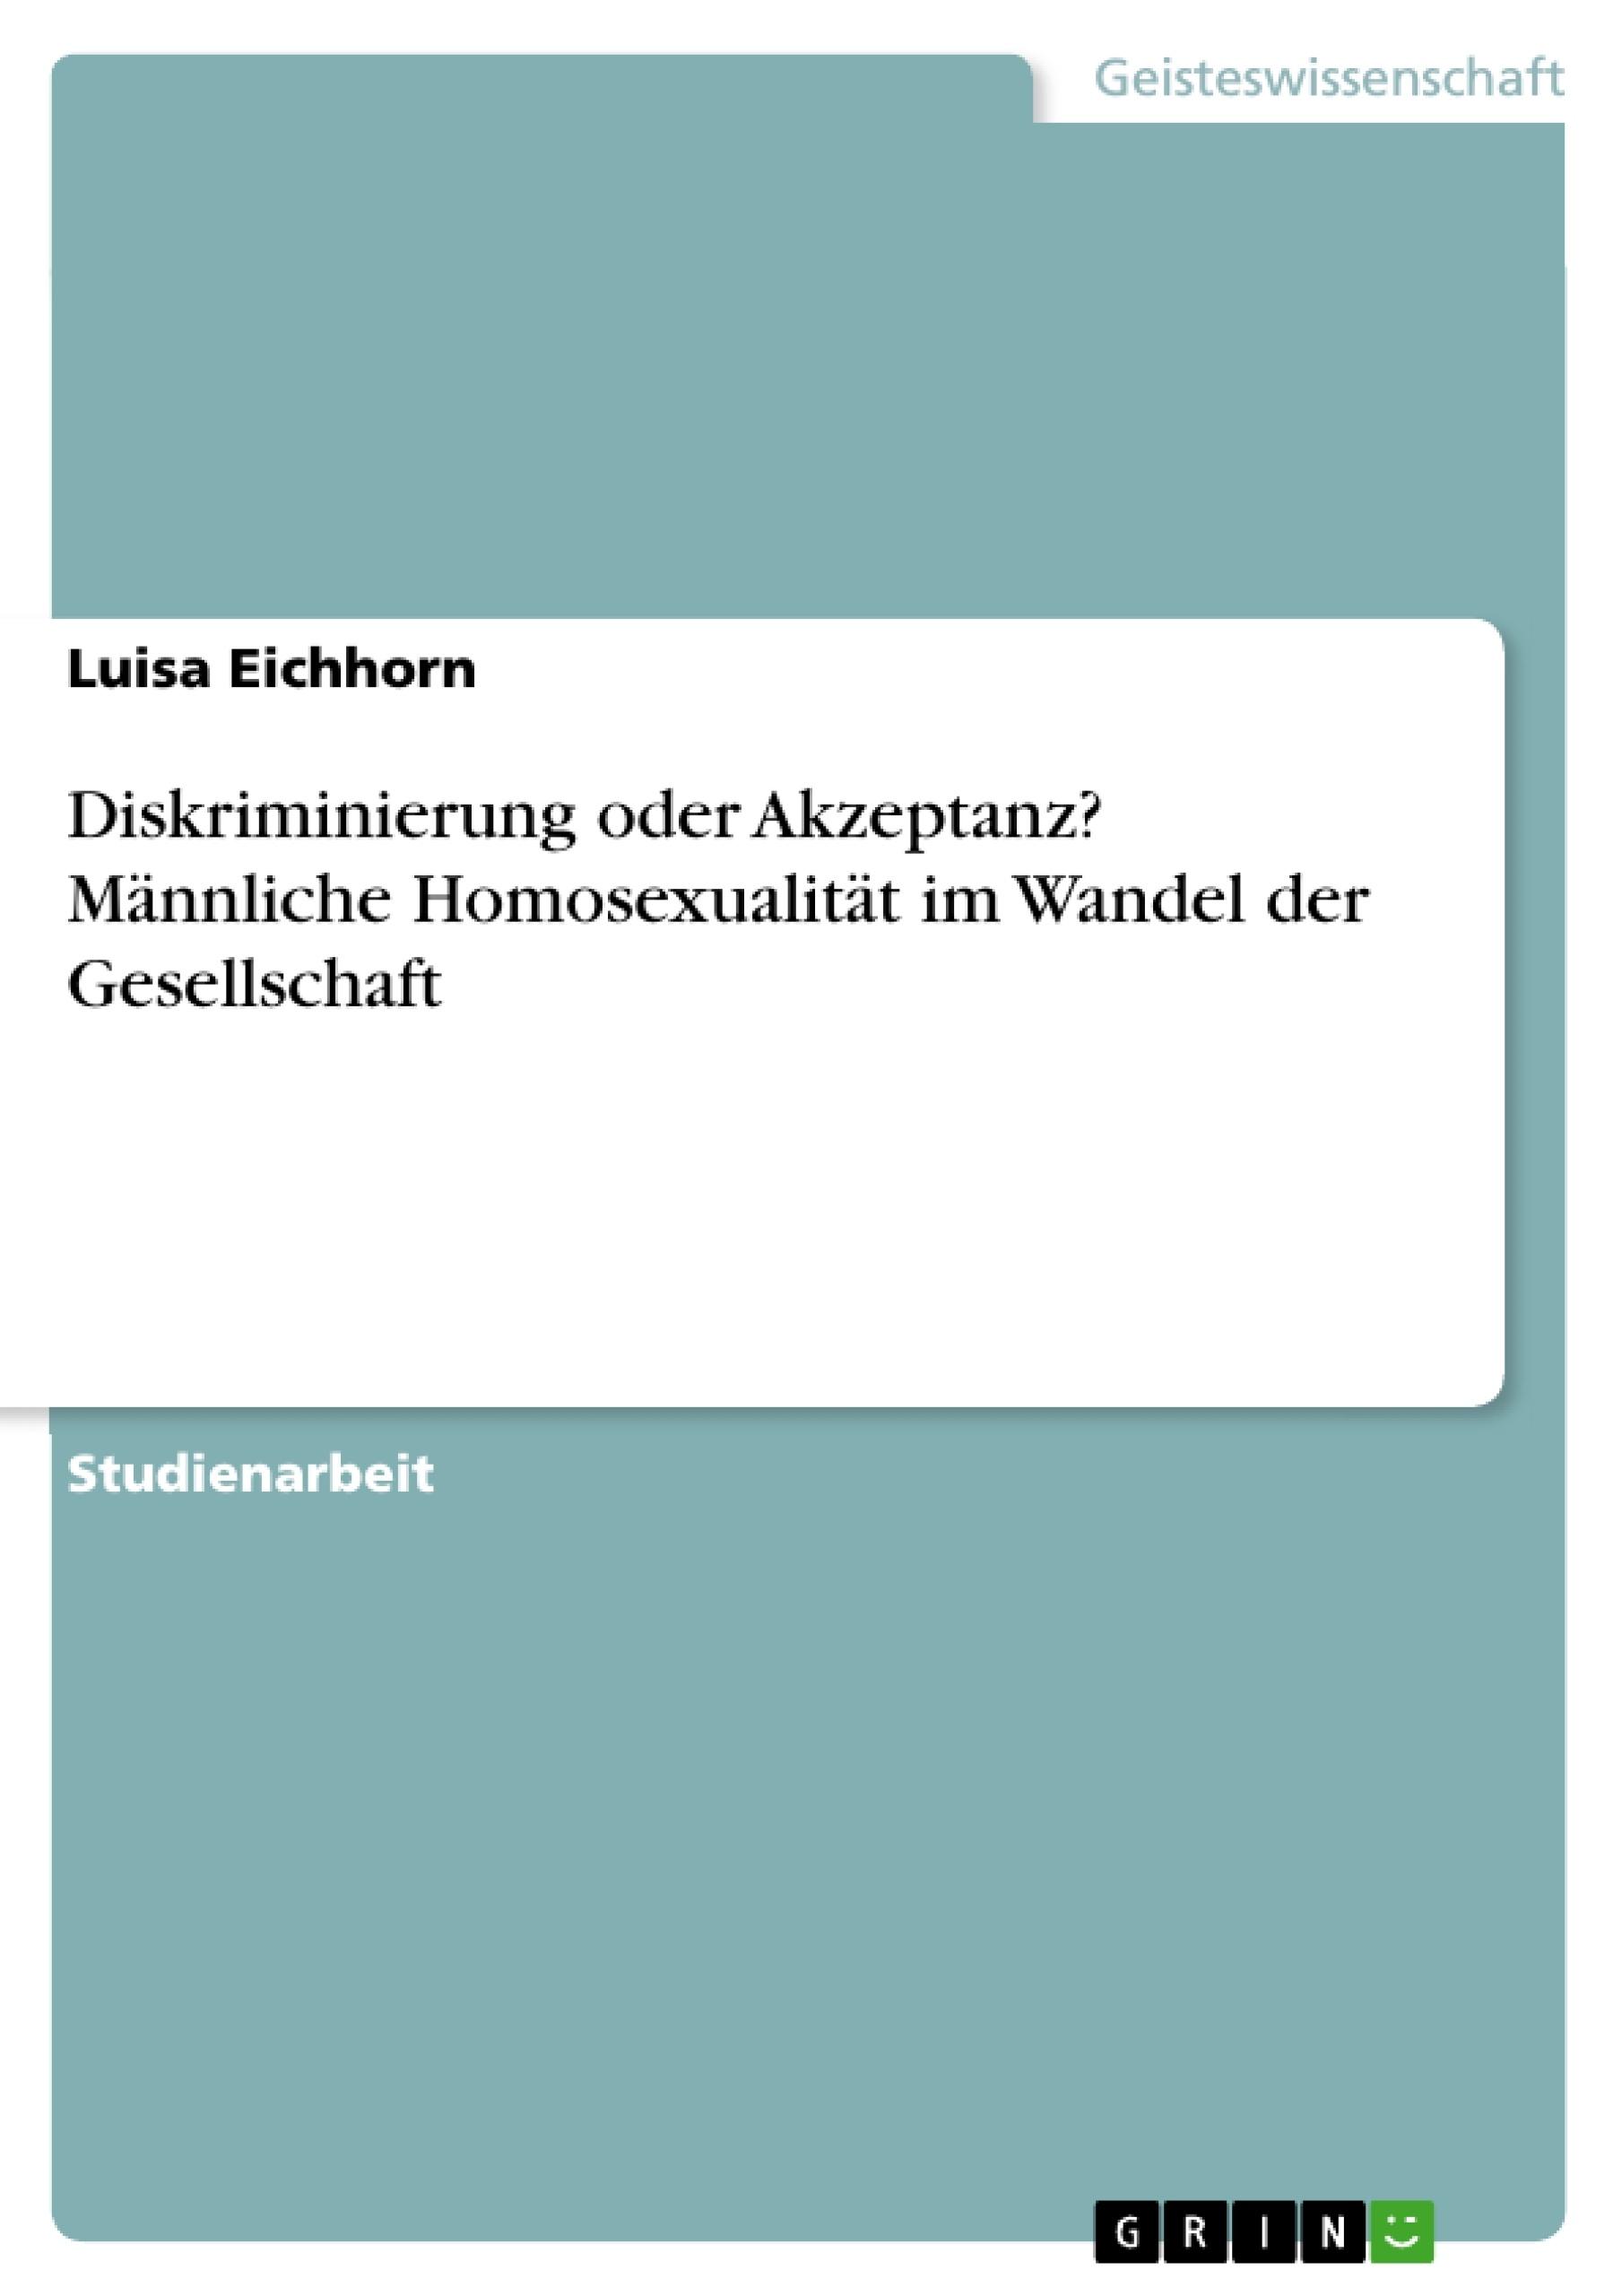 Titel: Diskriminierung oder Akzeptanz? Männliche Homosexualität im Wandel der Gesellschaft